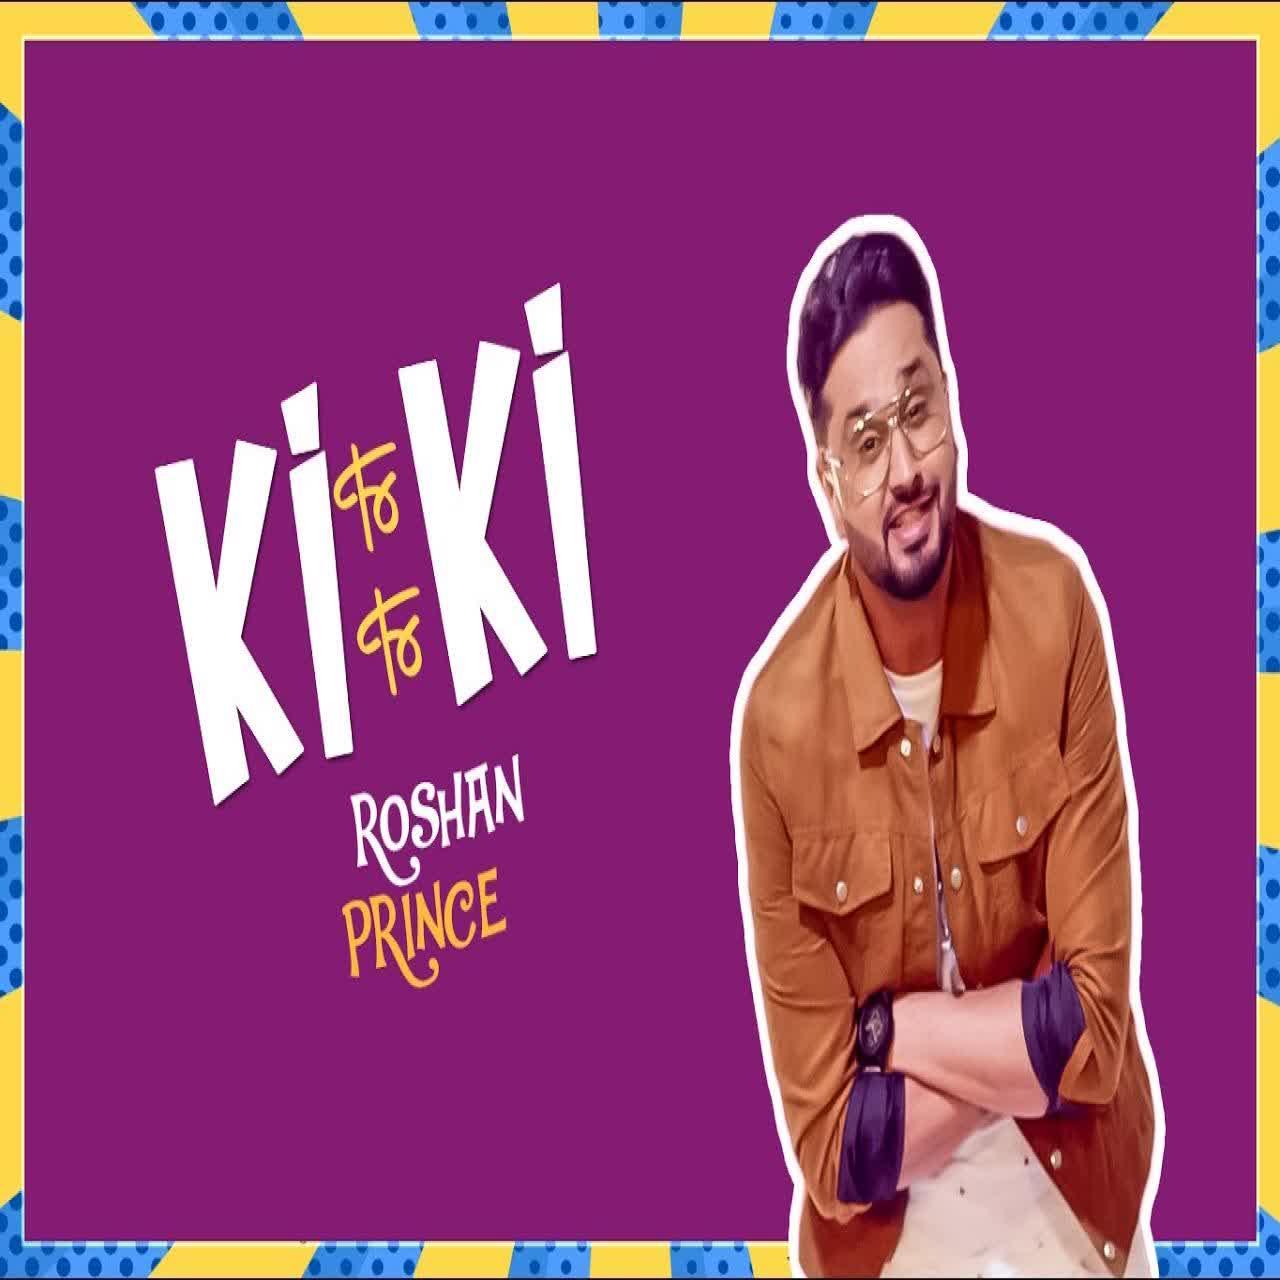 Ki Ki Roshan Prince